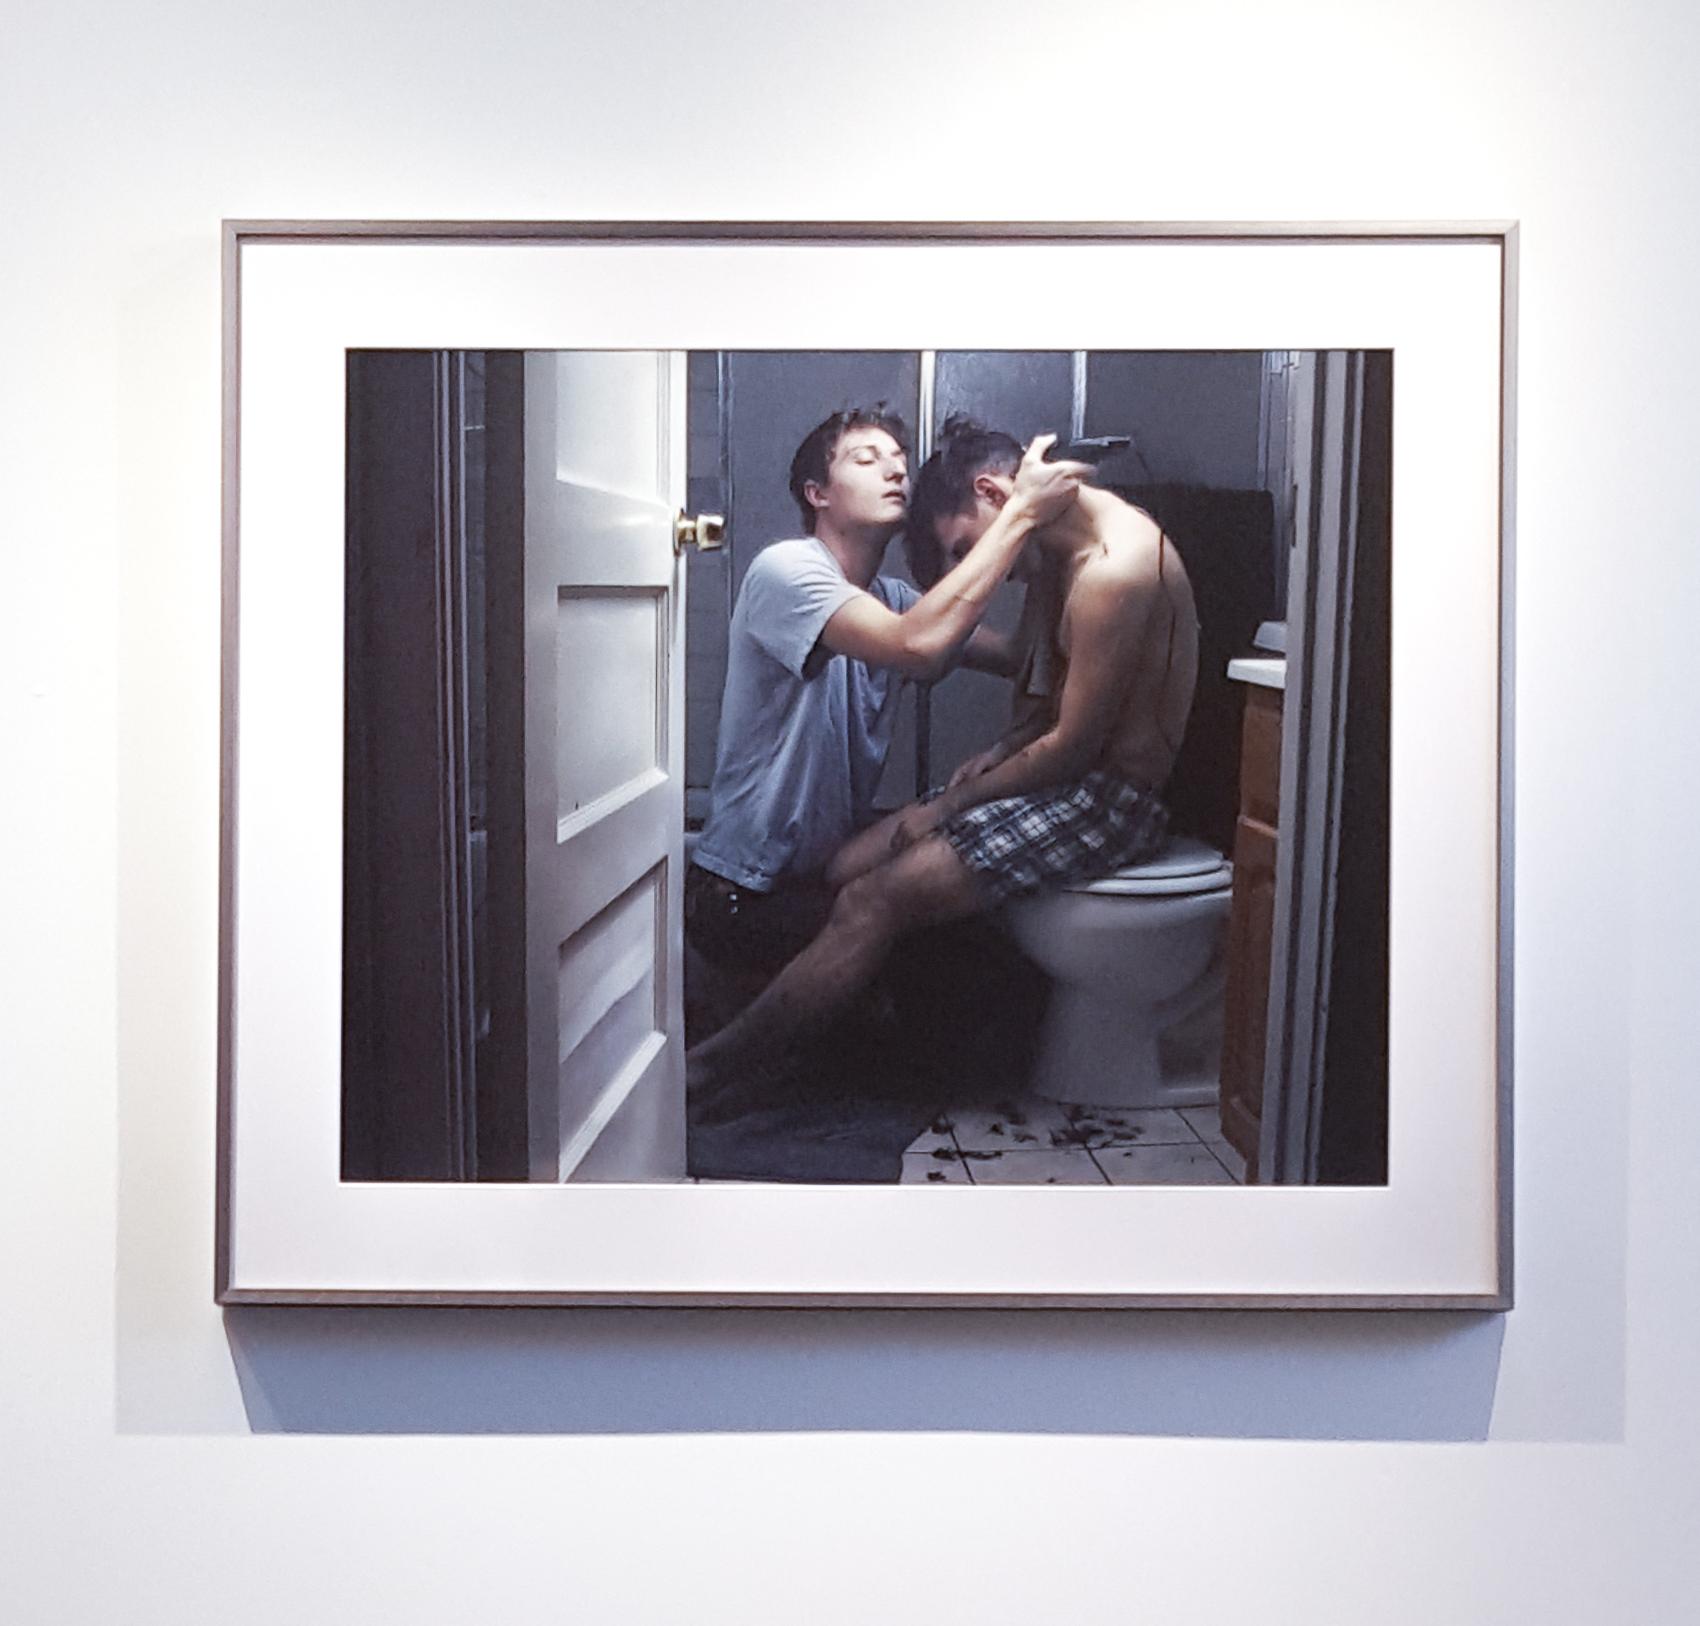 Samson , 2016 Benjamin Flythe Archival pigment print. 24 x 30 in. $2,500 (framed)